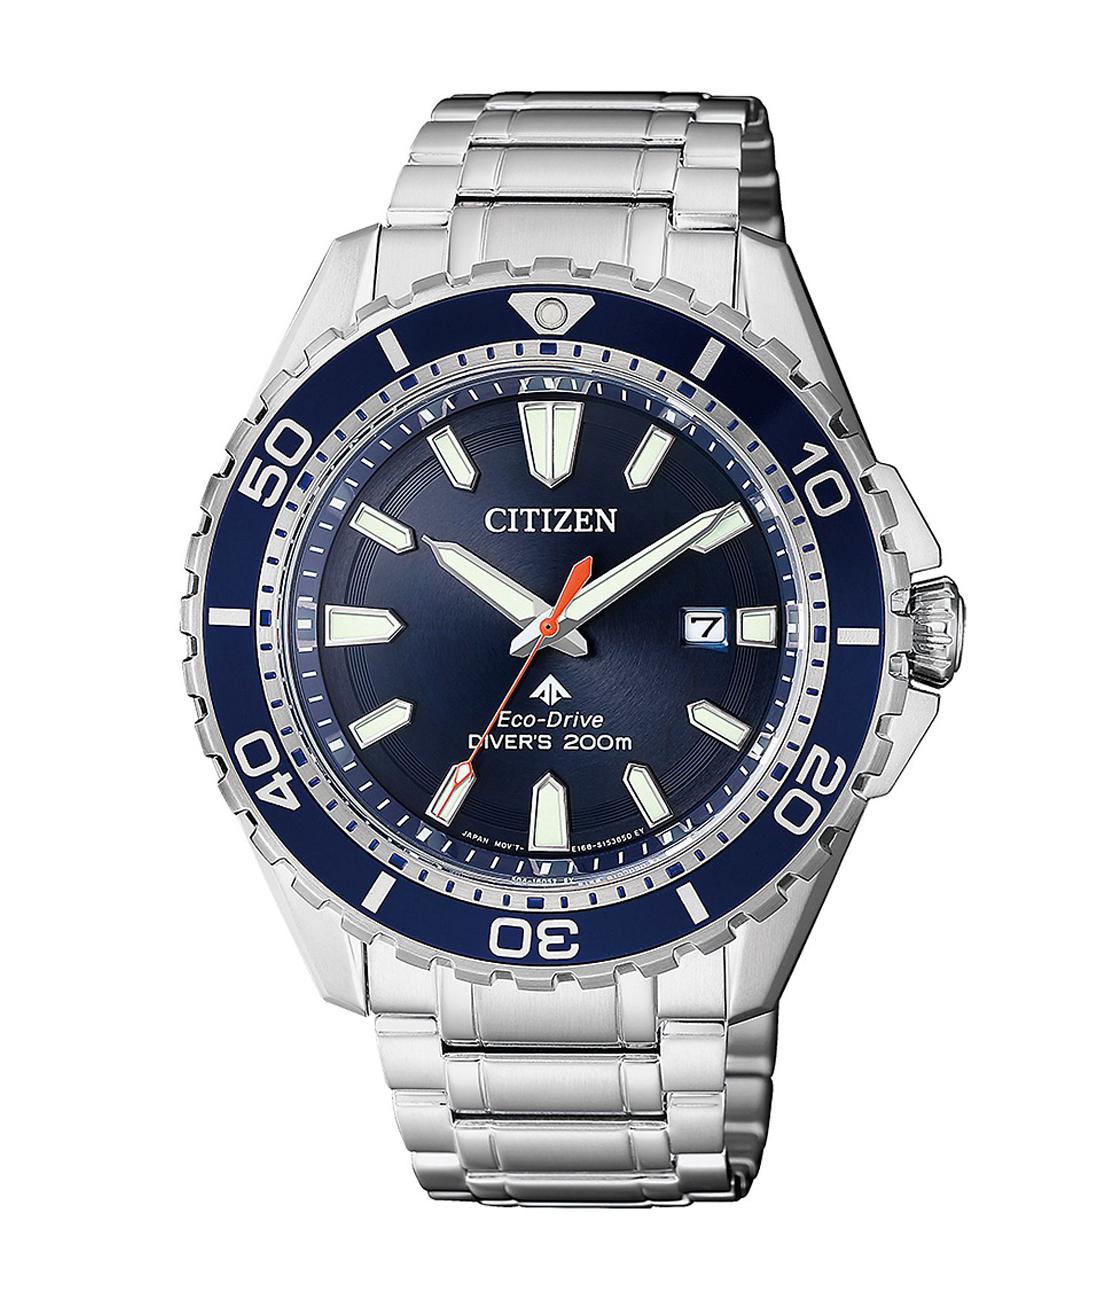 Zegarek Citizen Eco-Drive DIVER S BN0191-80L w atrakcyjnej cenie ... b068f02b9b